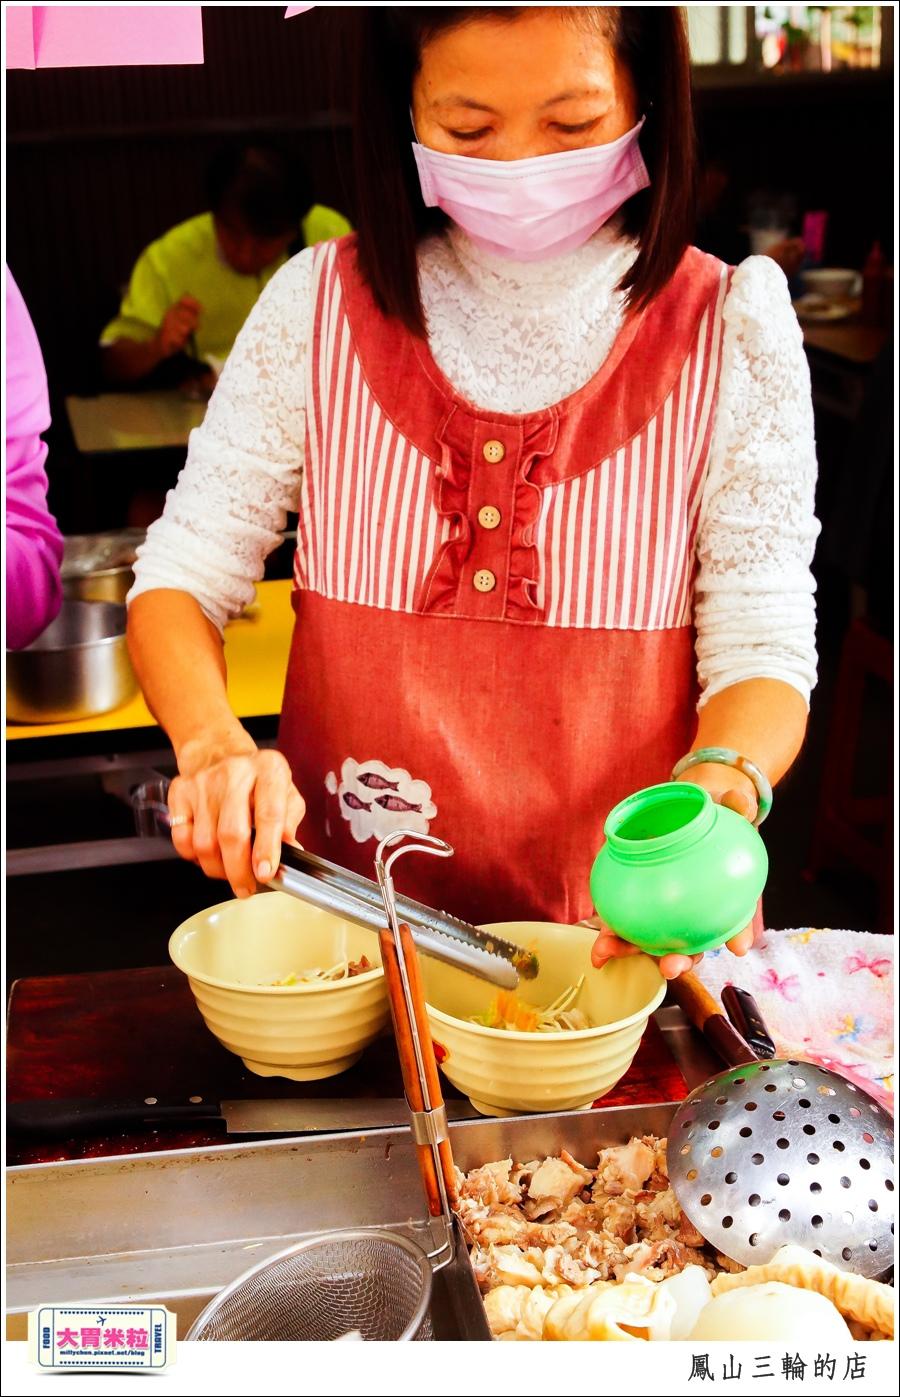 鳳山三輪的店新搬家@高雄黑輪香腸推薦@大胃米粒0022.jpg